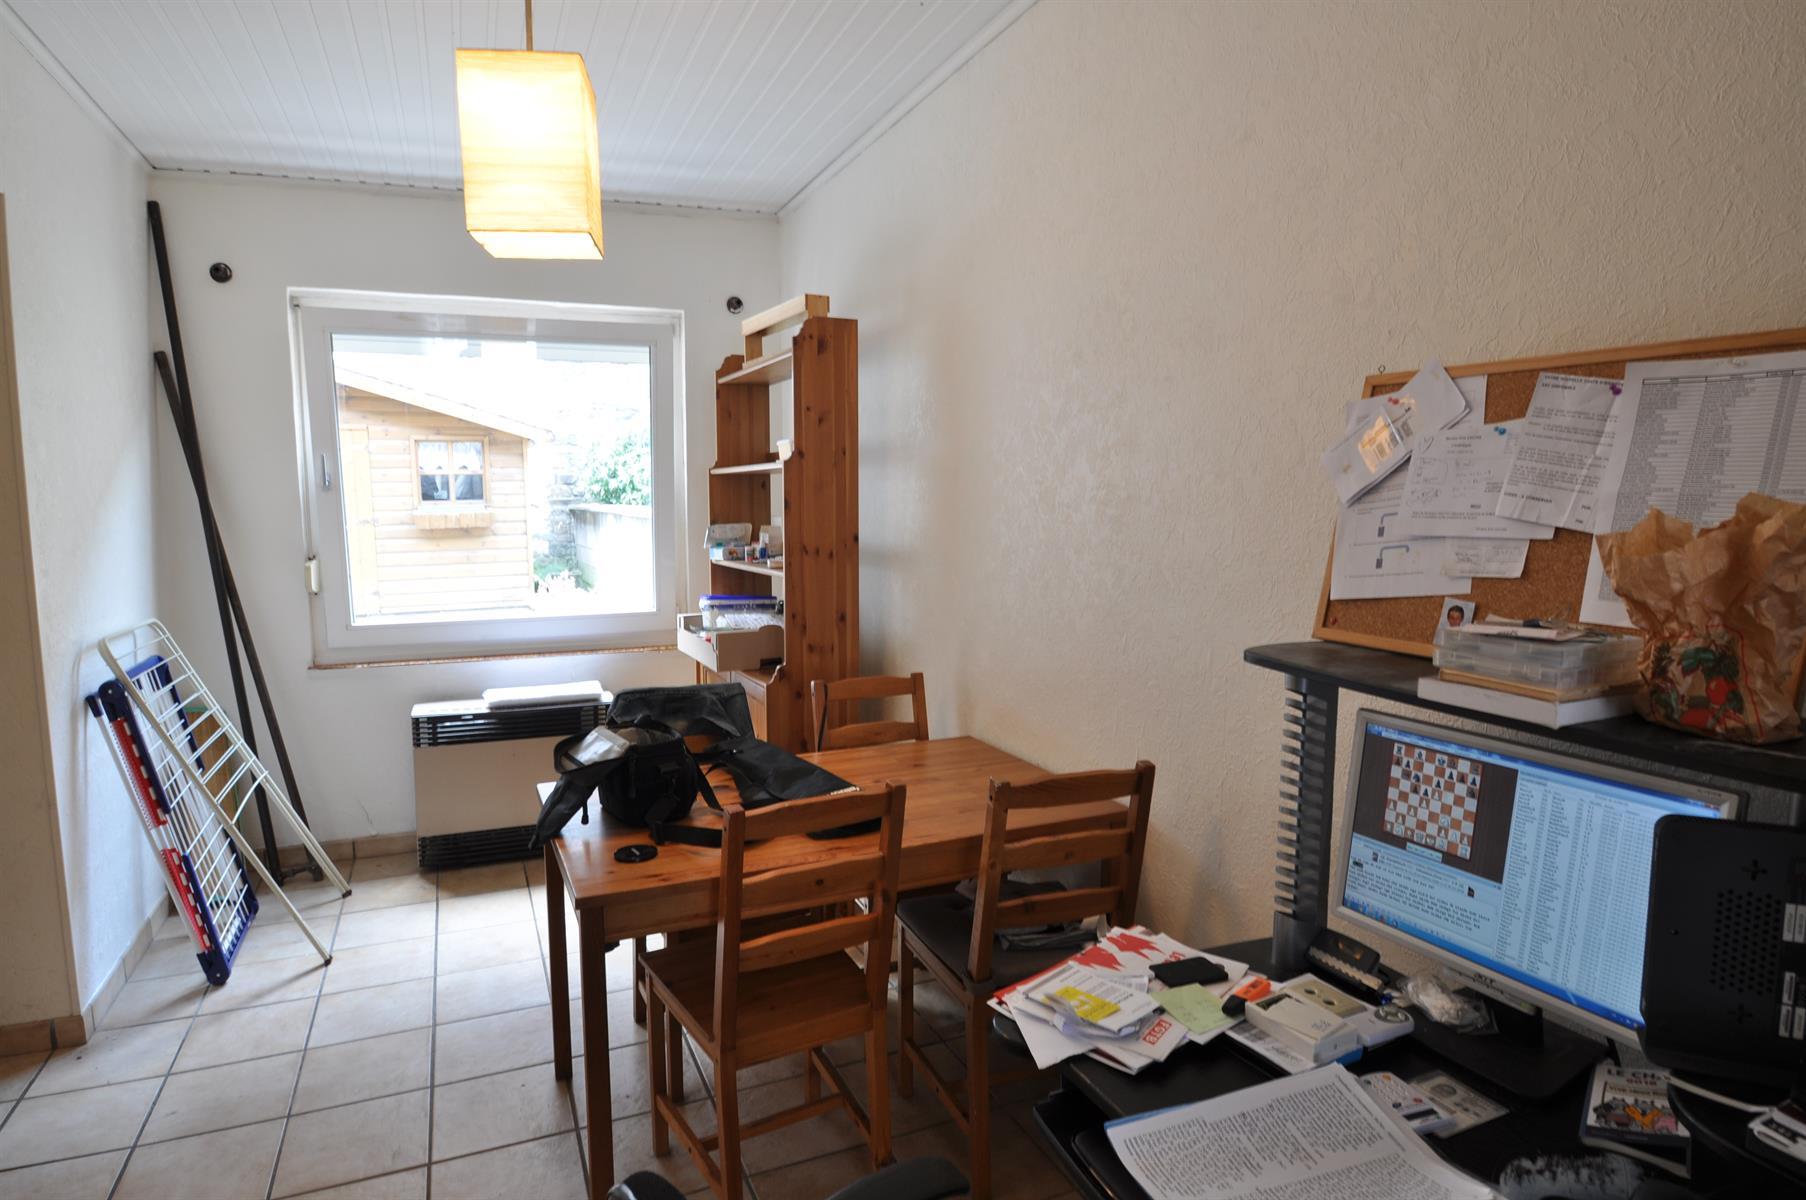 Huis - Liege - #4162299-2